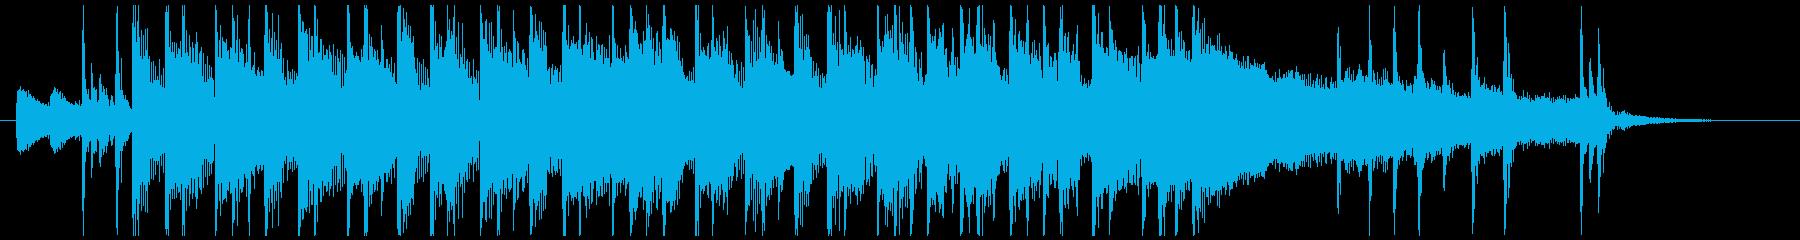 爽やかロック系OPの再生済みの波形